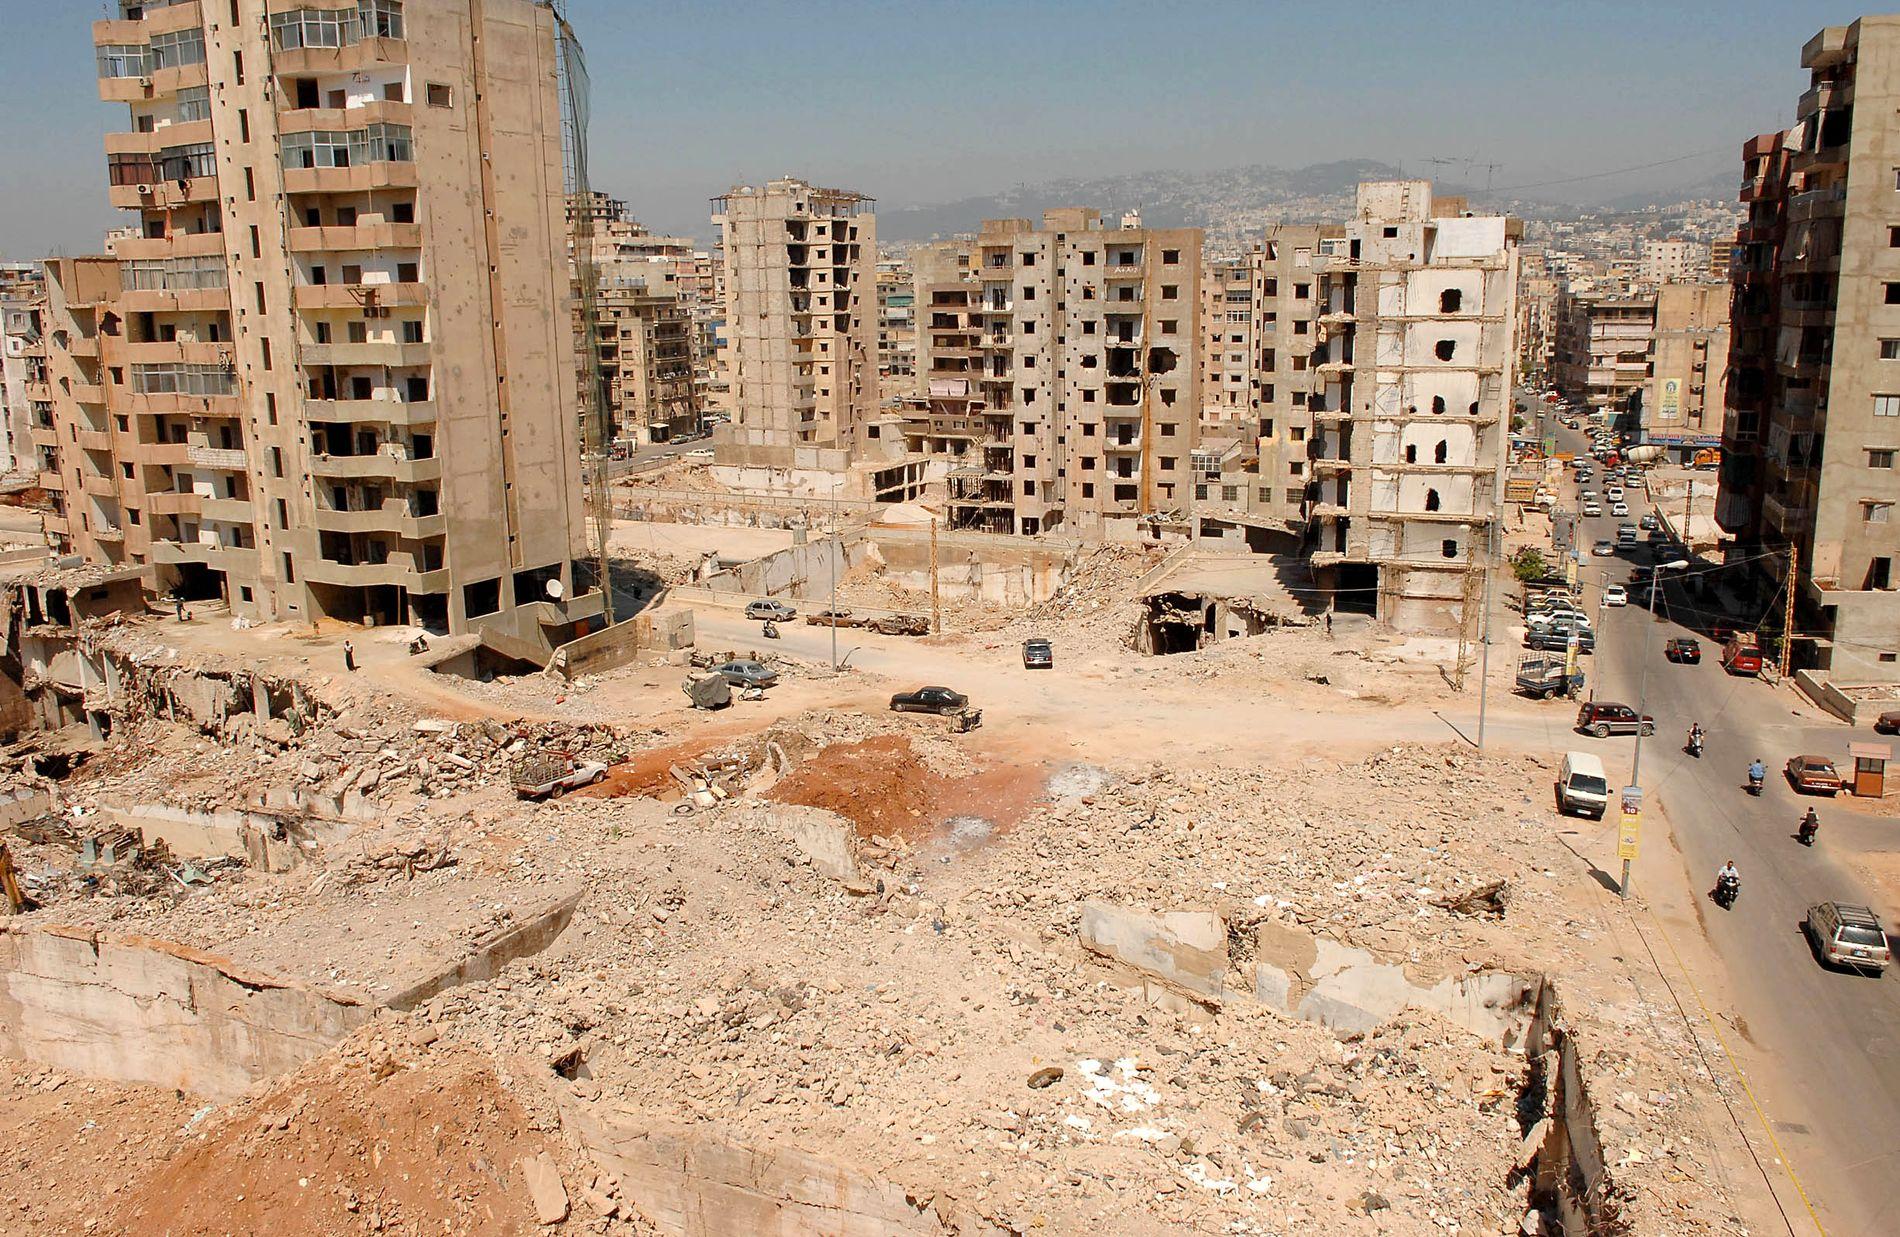 BOMBARDERT: Slik så deler av Dahieh ut etter krigen mellom Hizbollah og Israel i juli 2006.